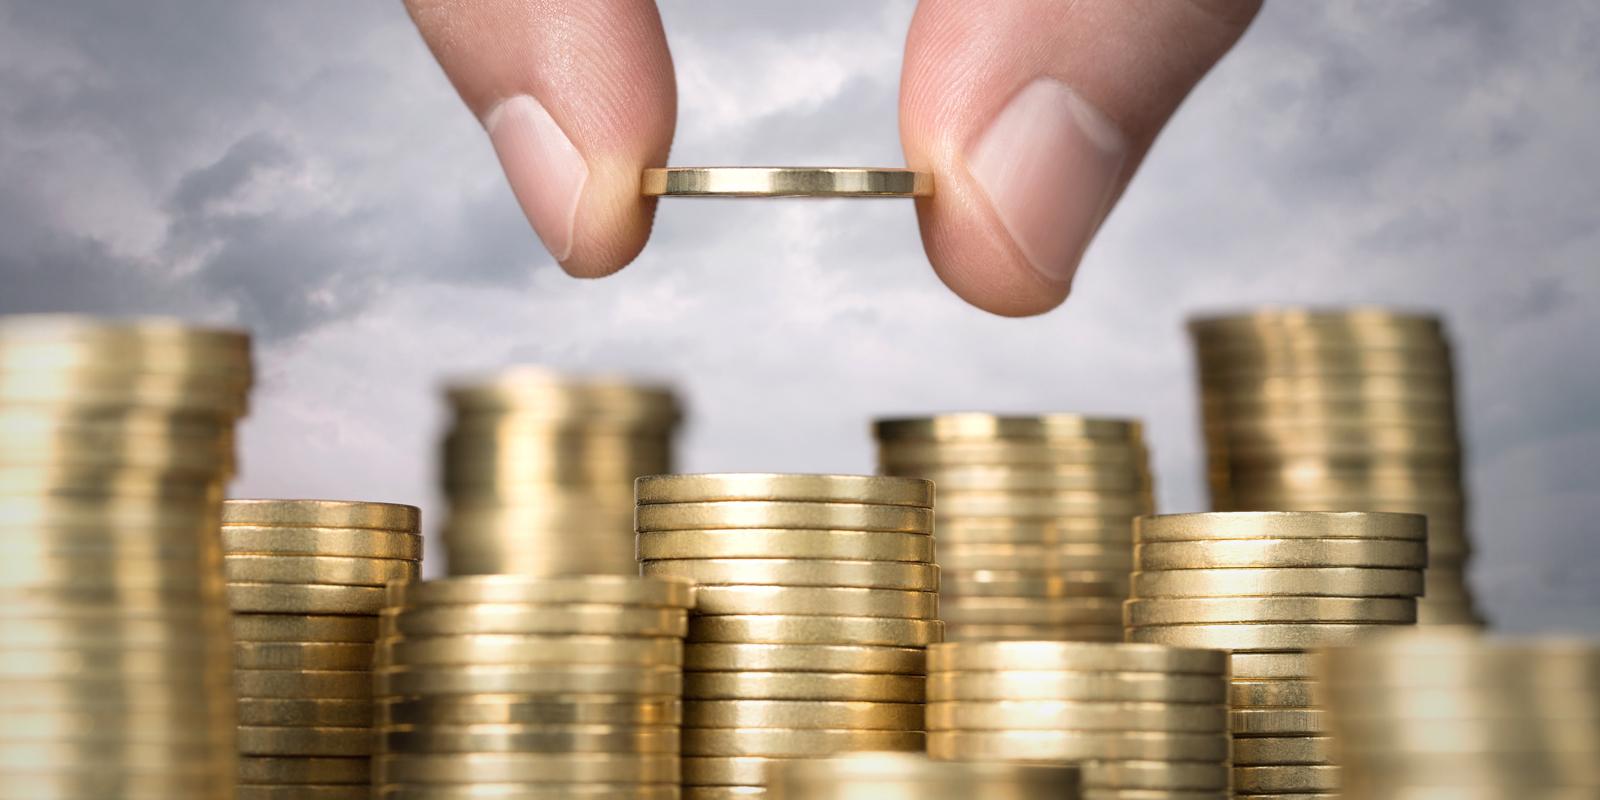 १७ वटा बैंक तथा वित्तीय संस्था मर्जर र एक्वीजीसनको प्रक्रियामा